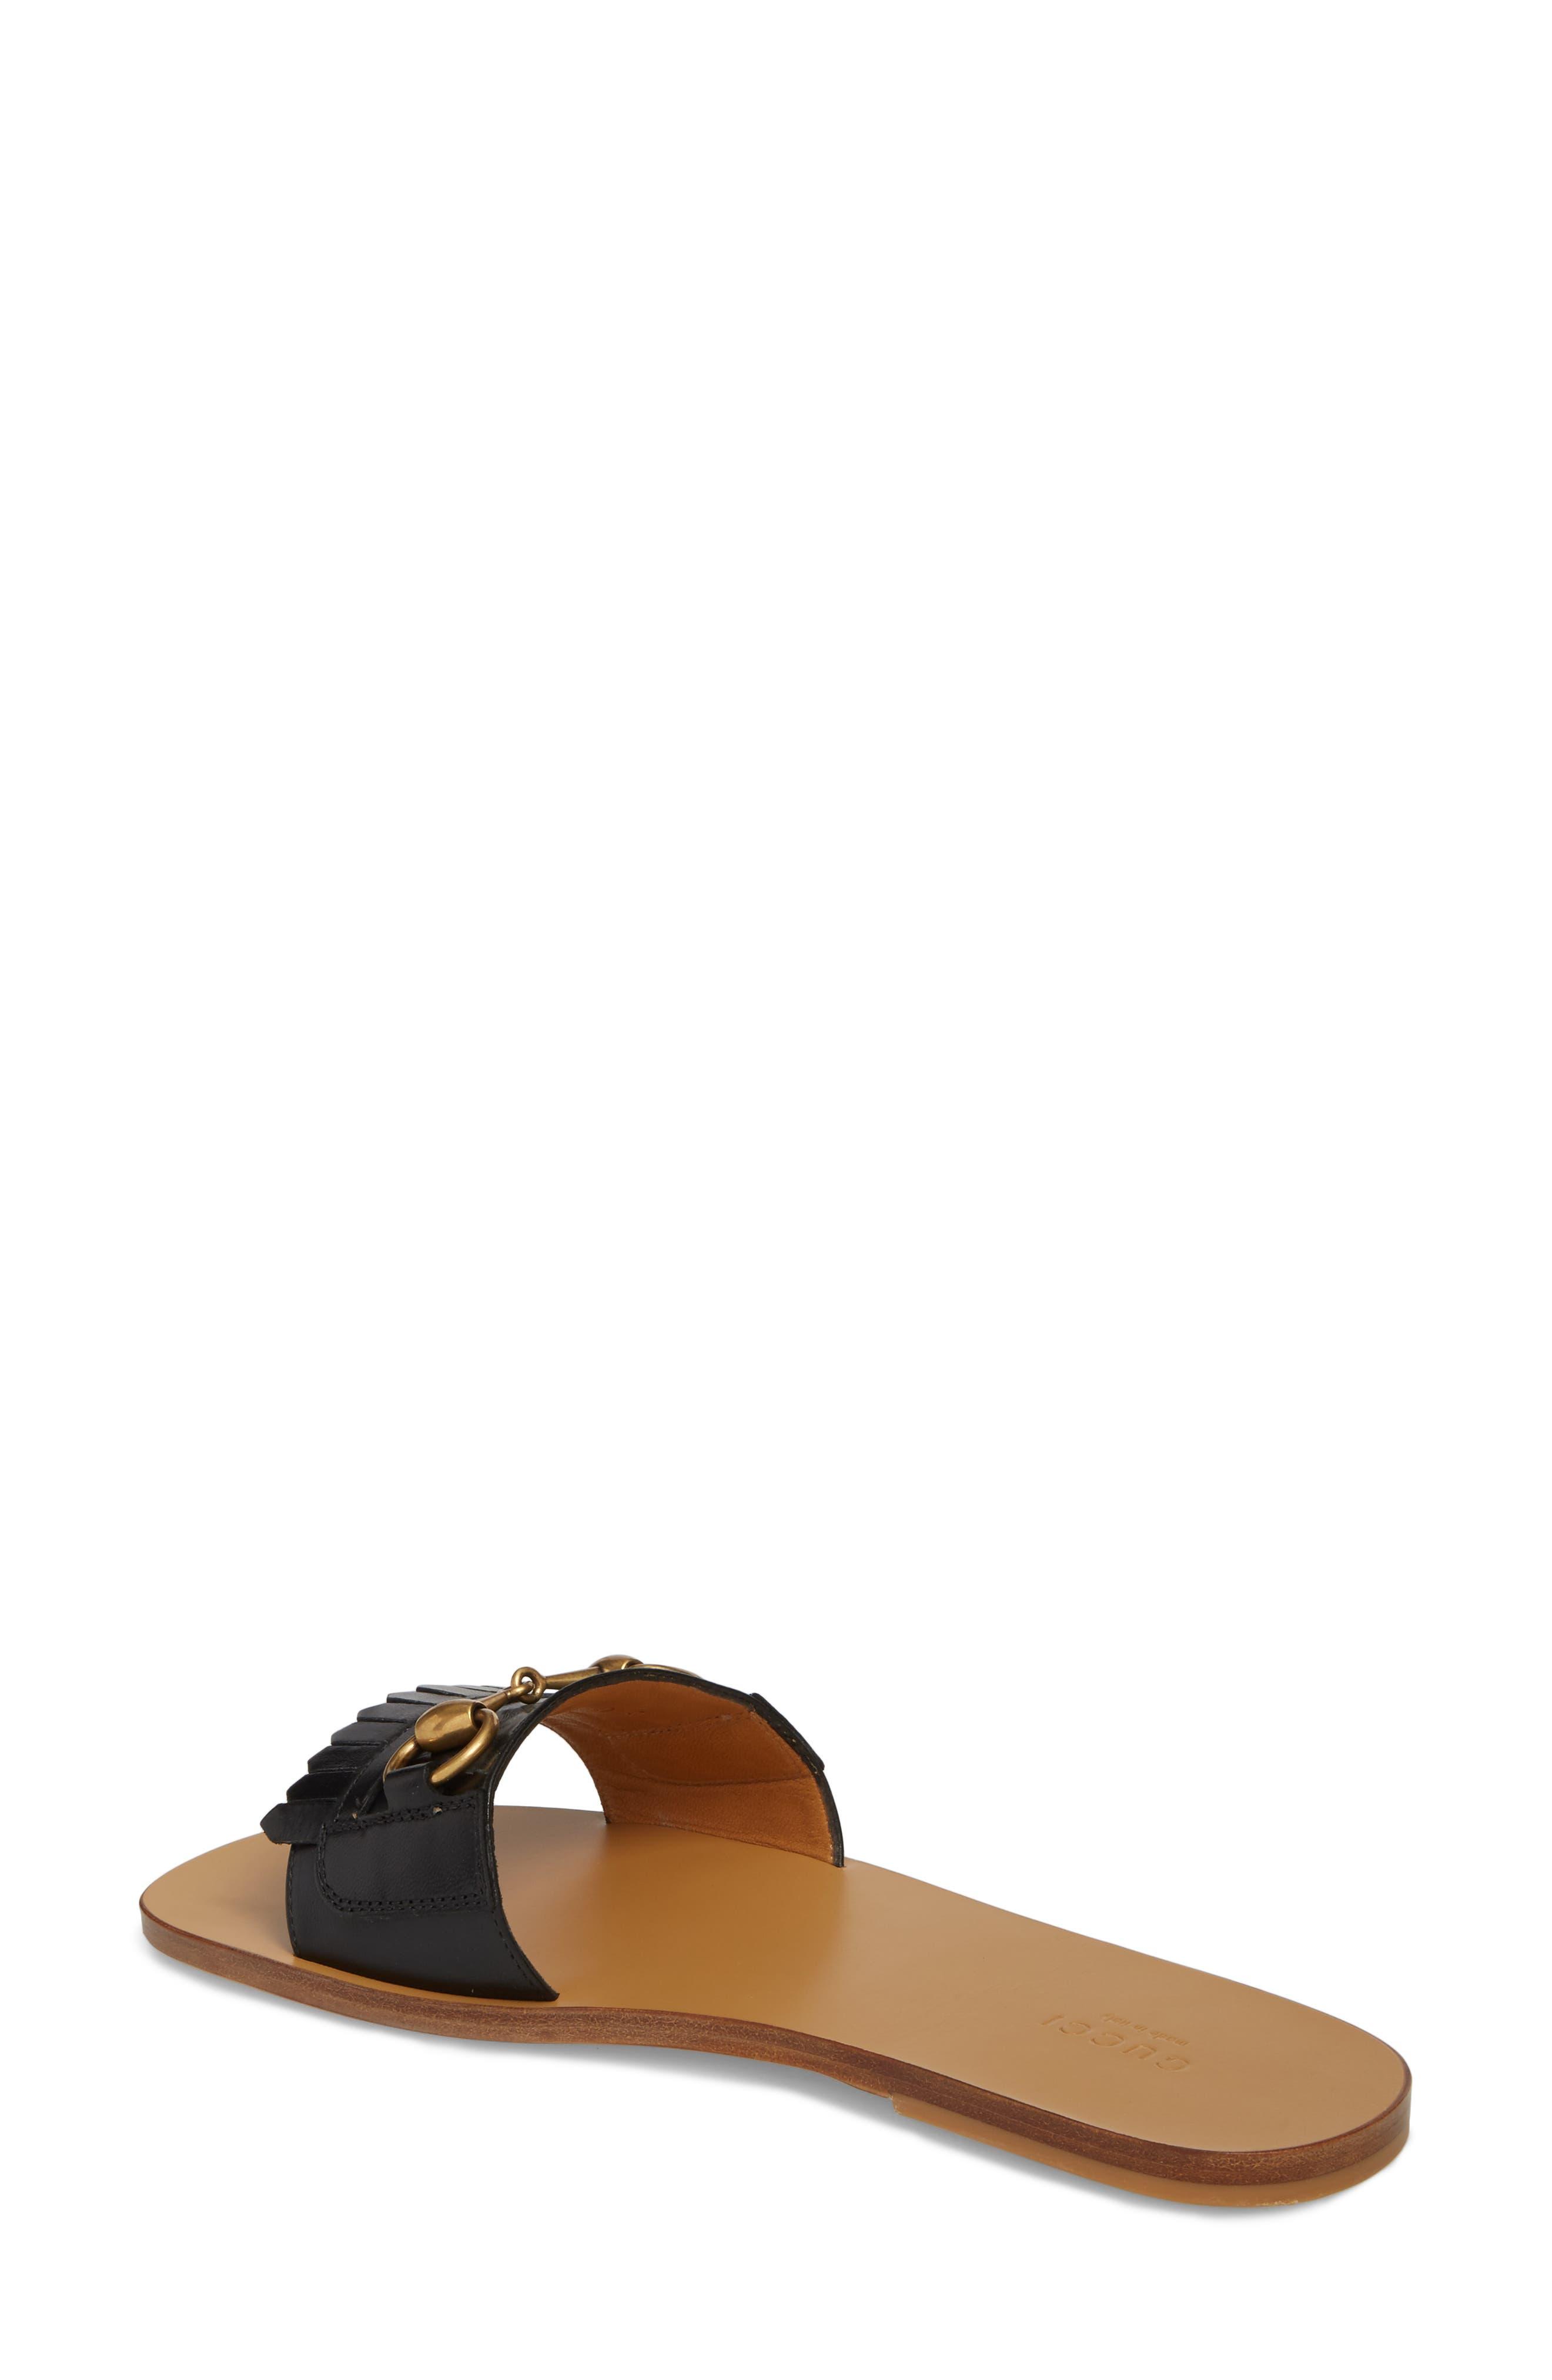 Slide Sandal,                             Alternate thumbnail 2, color,                             BLACK